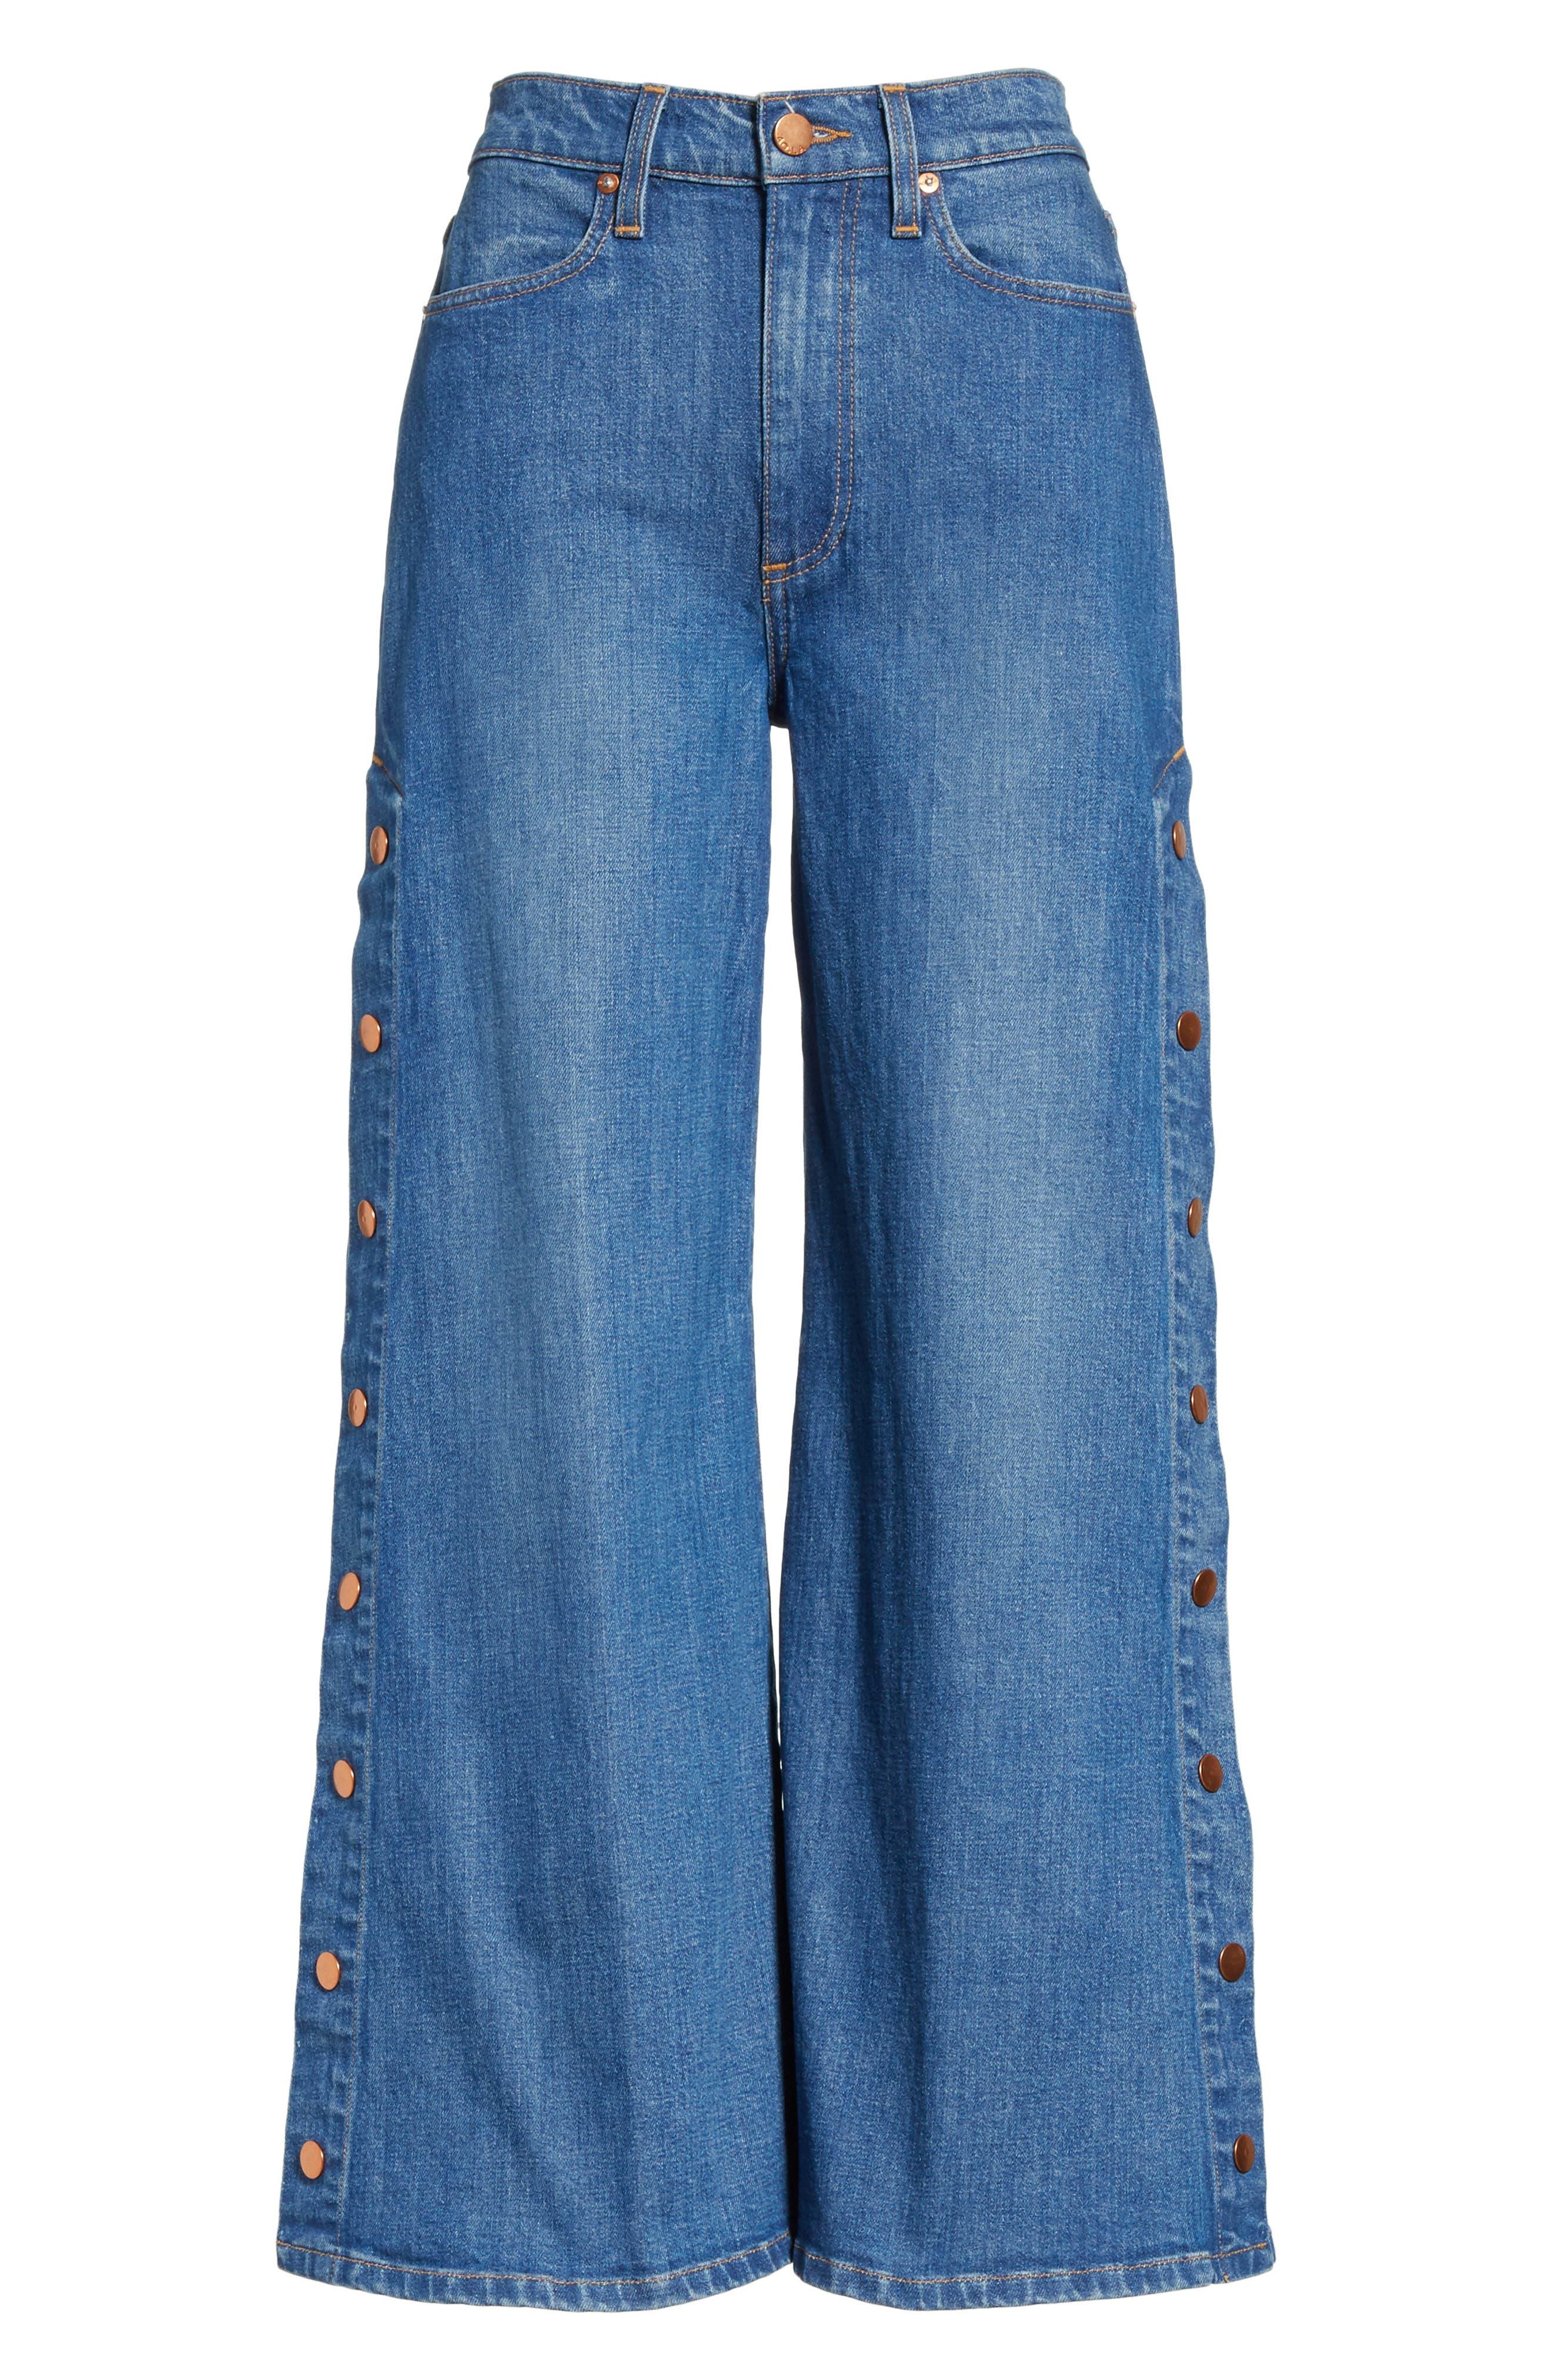 AO.LA Gorgeous Snap Side Crop Flare Jeans,                             Alternate thumbnail 6, color,